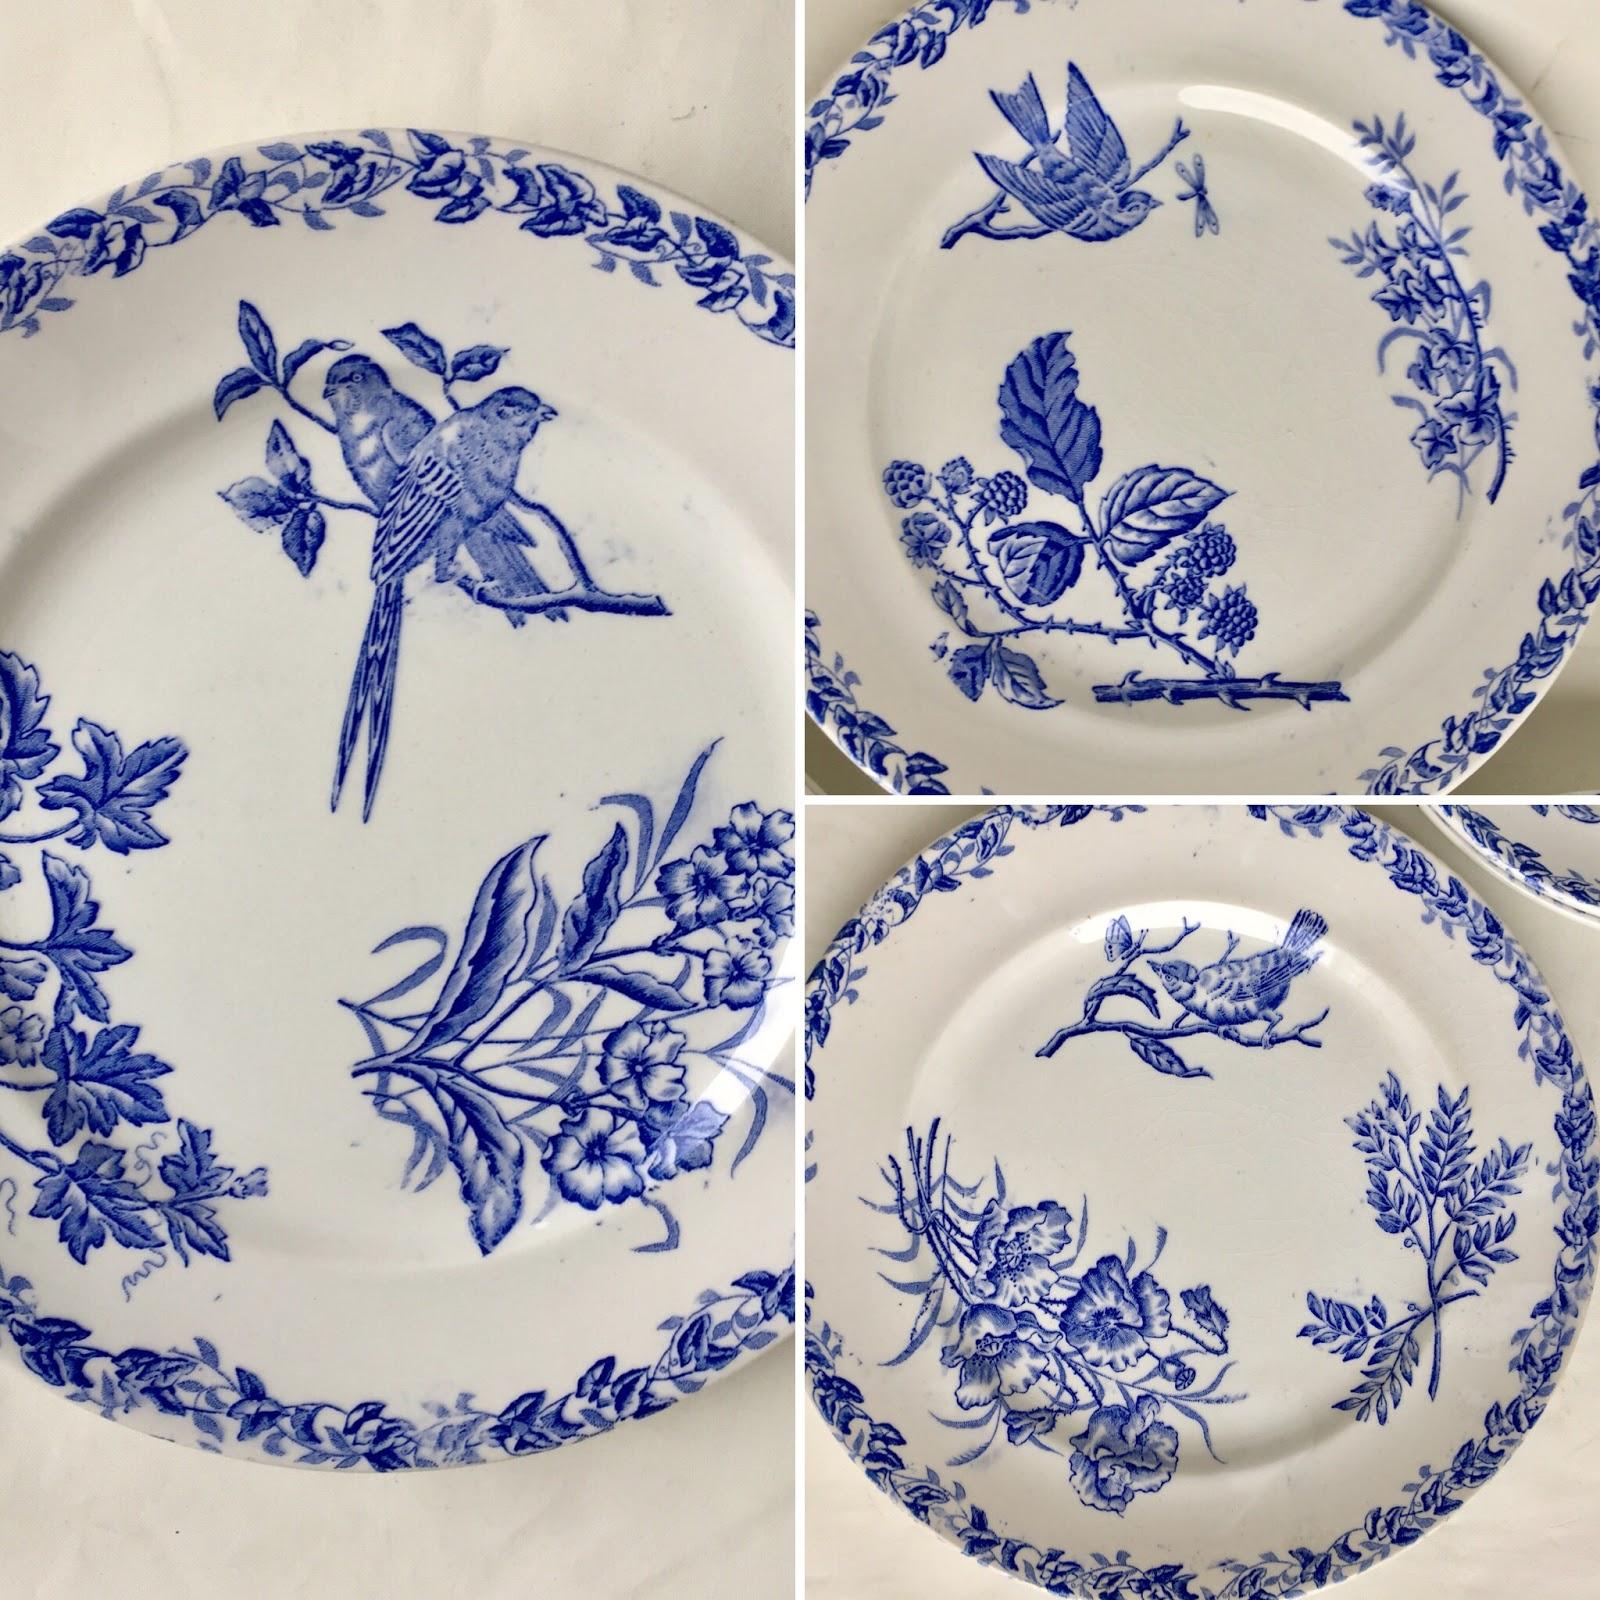 Les puces de la bult e assiettes fa ence bleues papillons oiseaux fleurs chantilly 100 6 La table italienne senlis